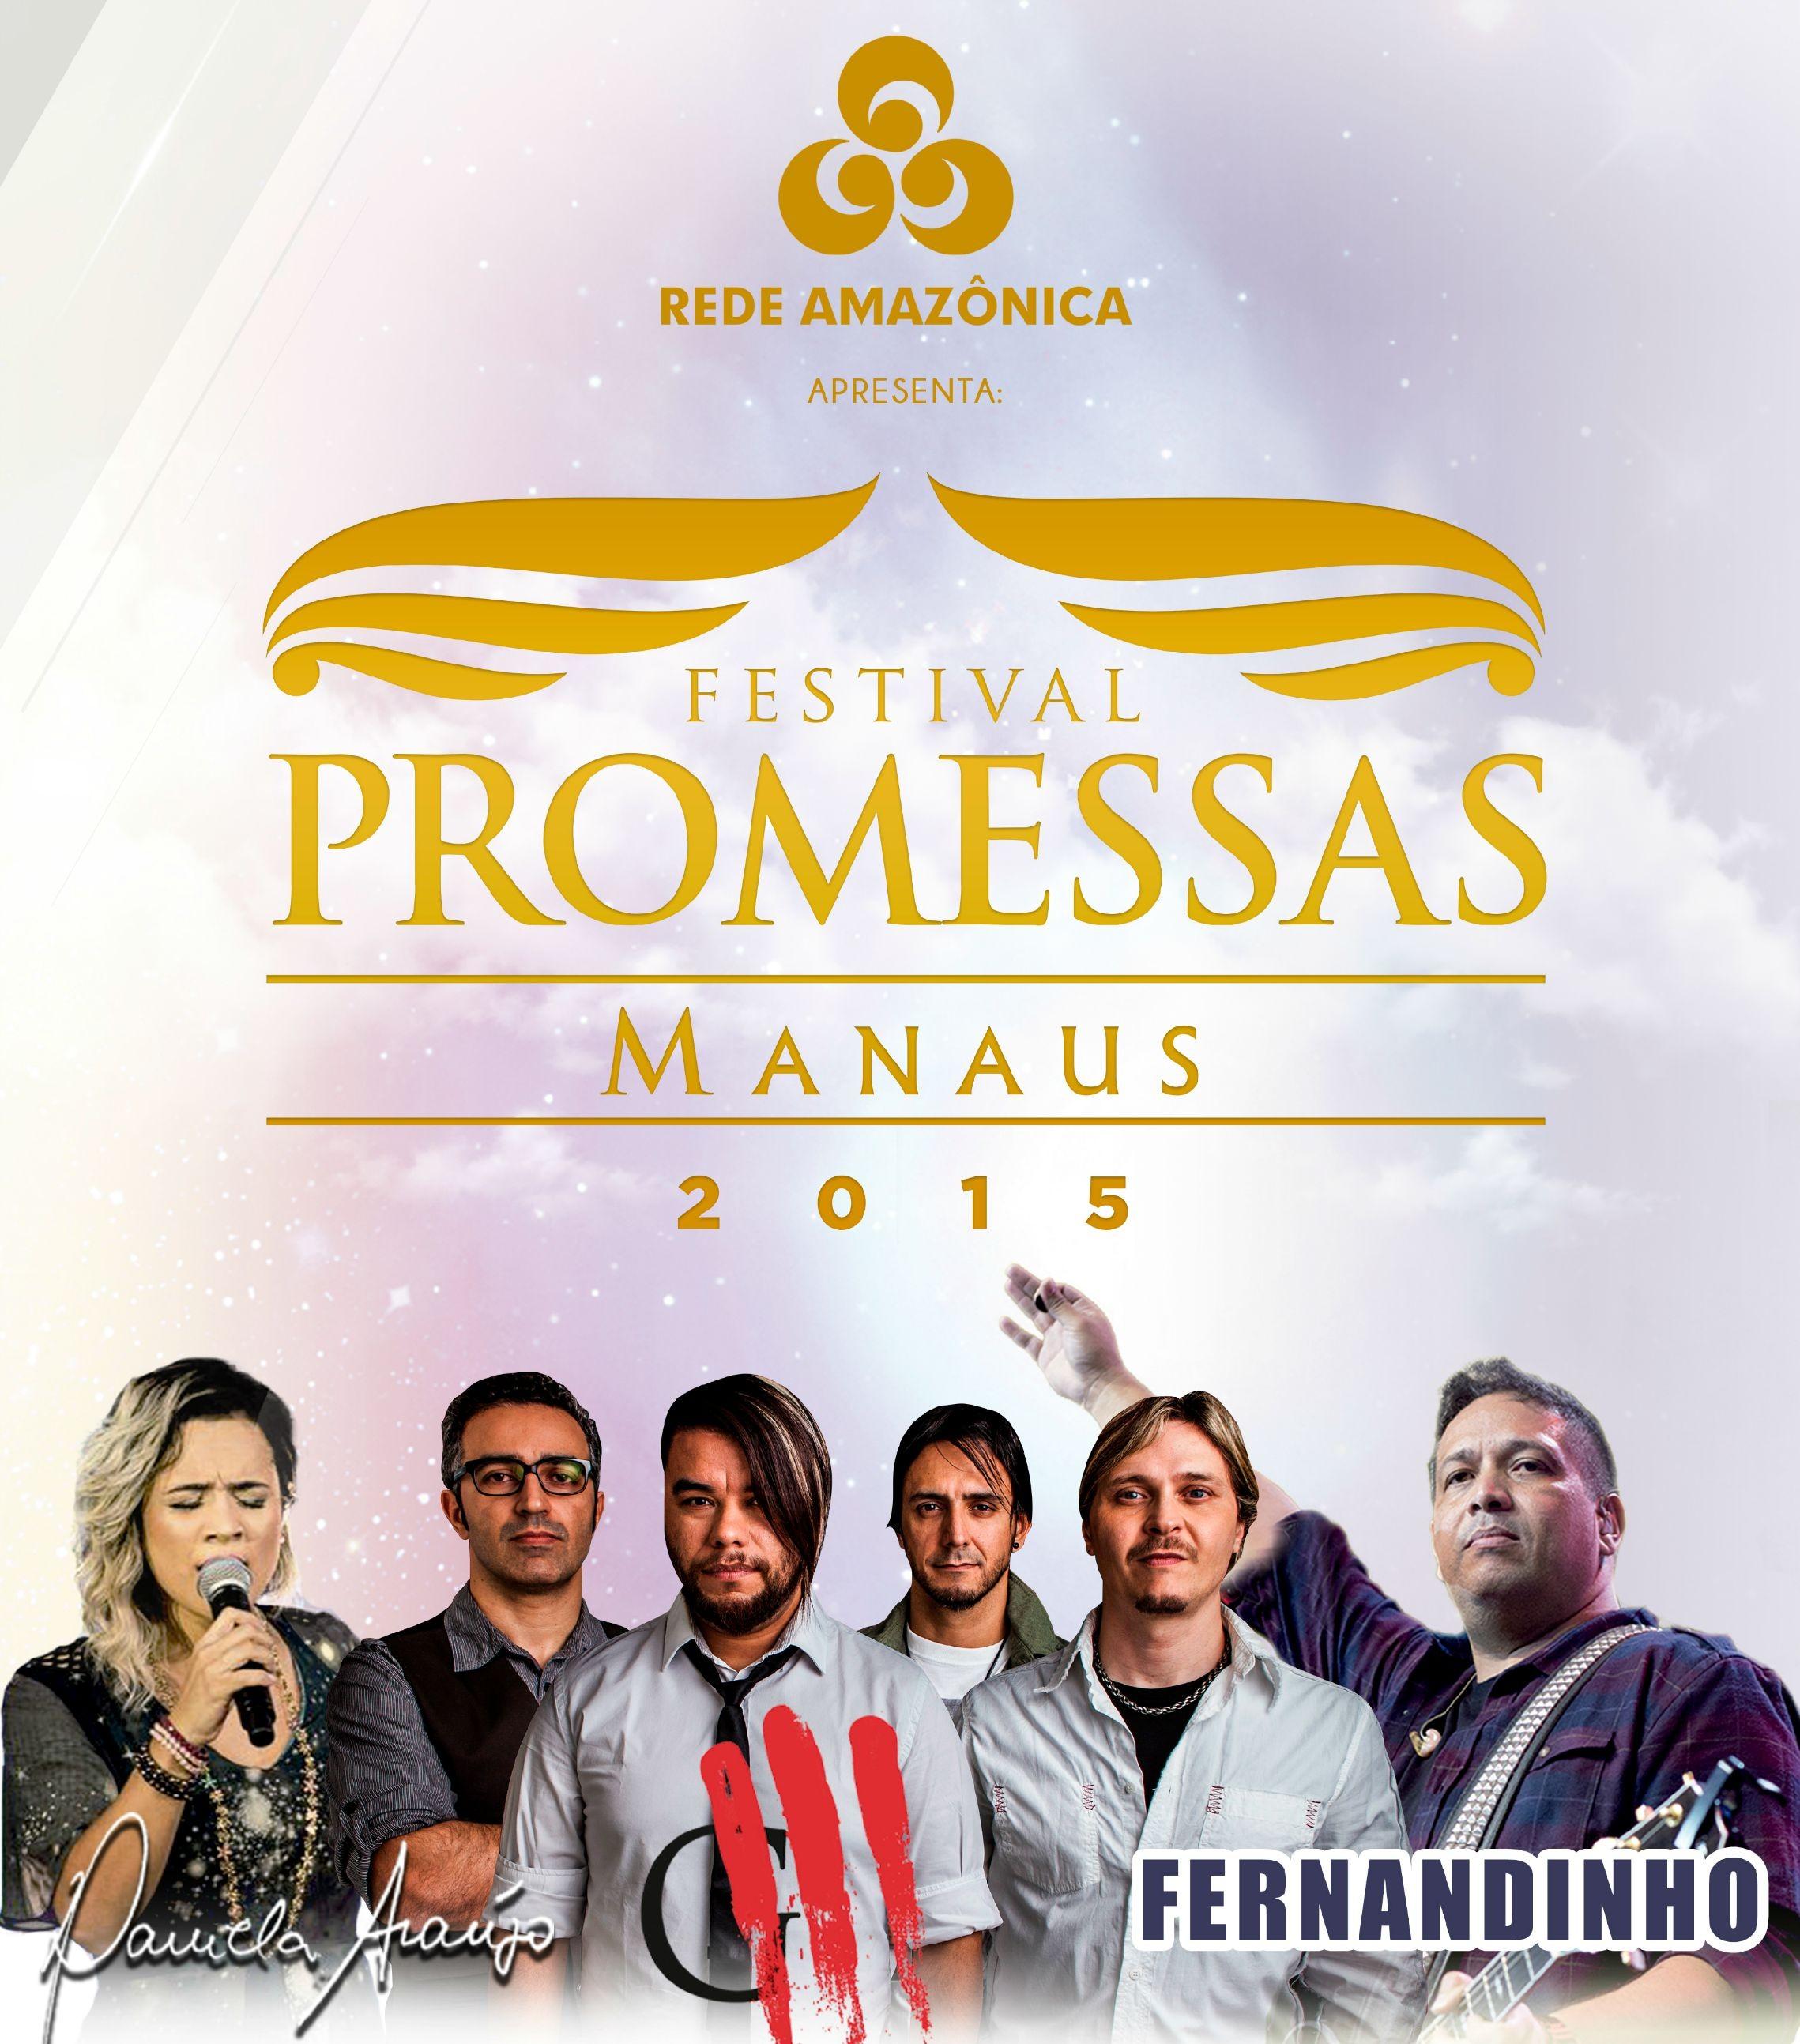 Festival Promessas 2015 traz grandes nomes do cenário gospel (Foto: Divulgação)